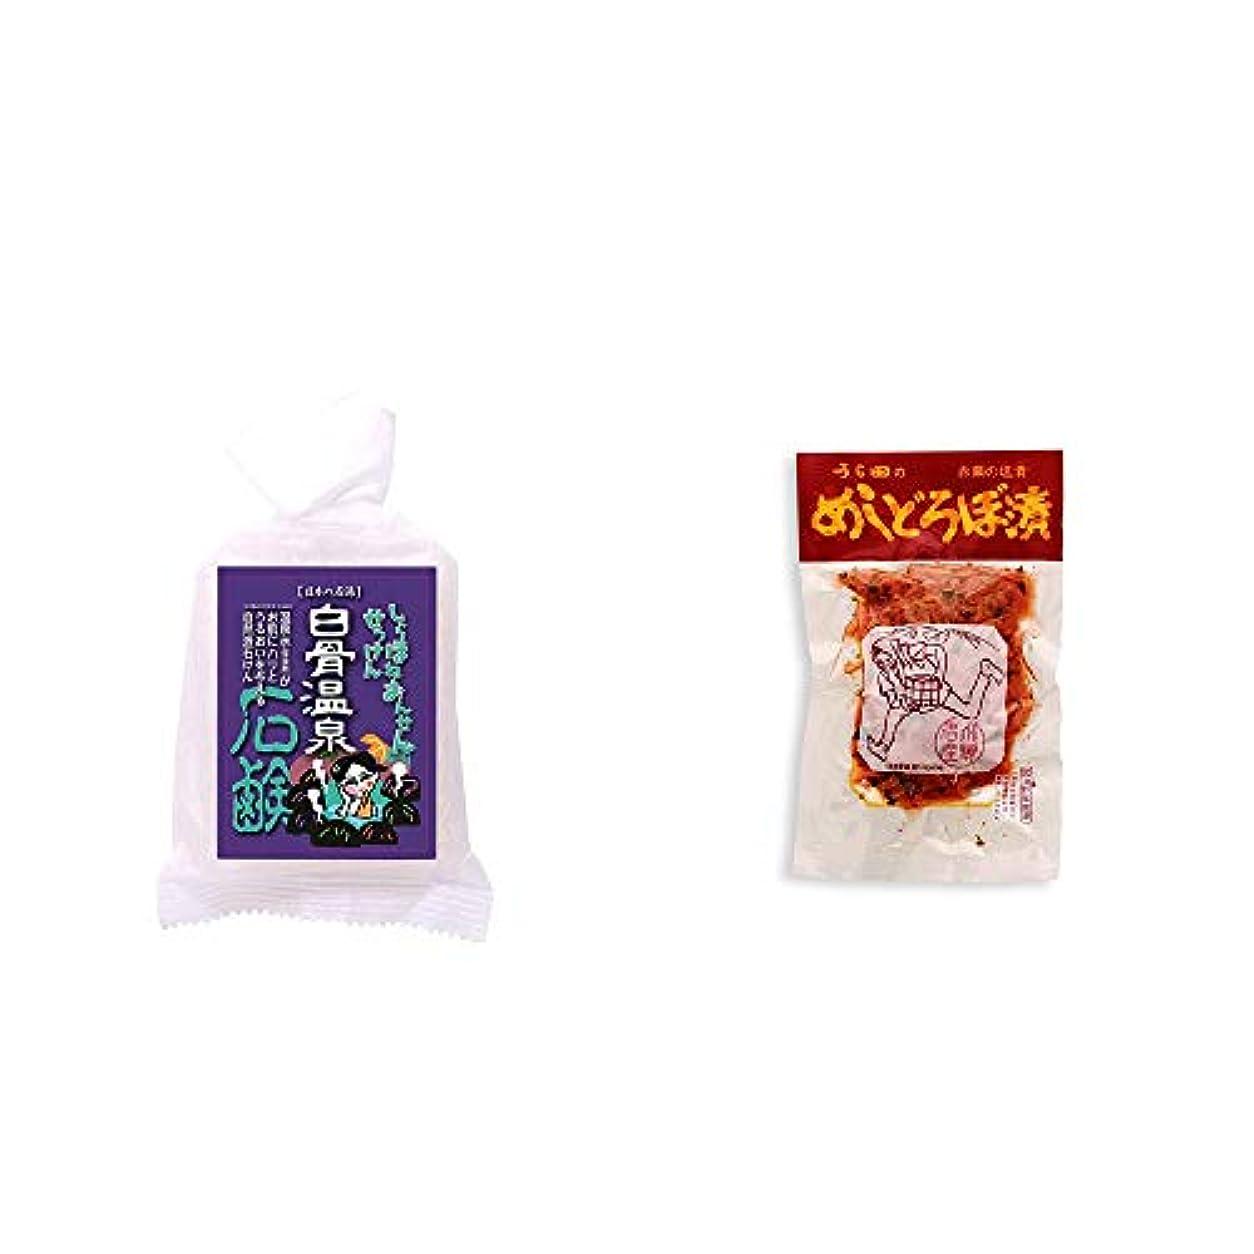 弾丸中断期間[2点セット] 信州 白骨温泉石鹸(80g)?うら田 めしどろぼ漬(180g)